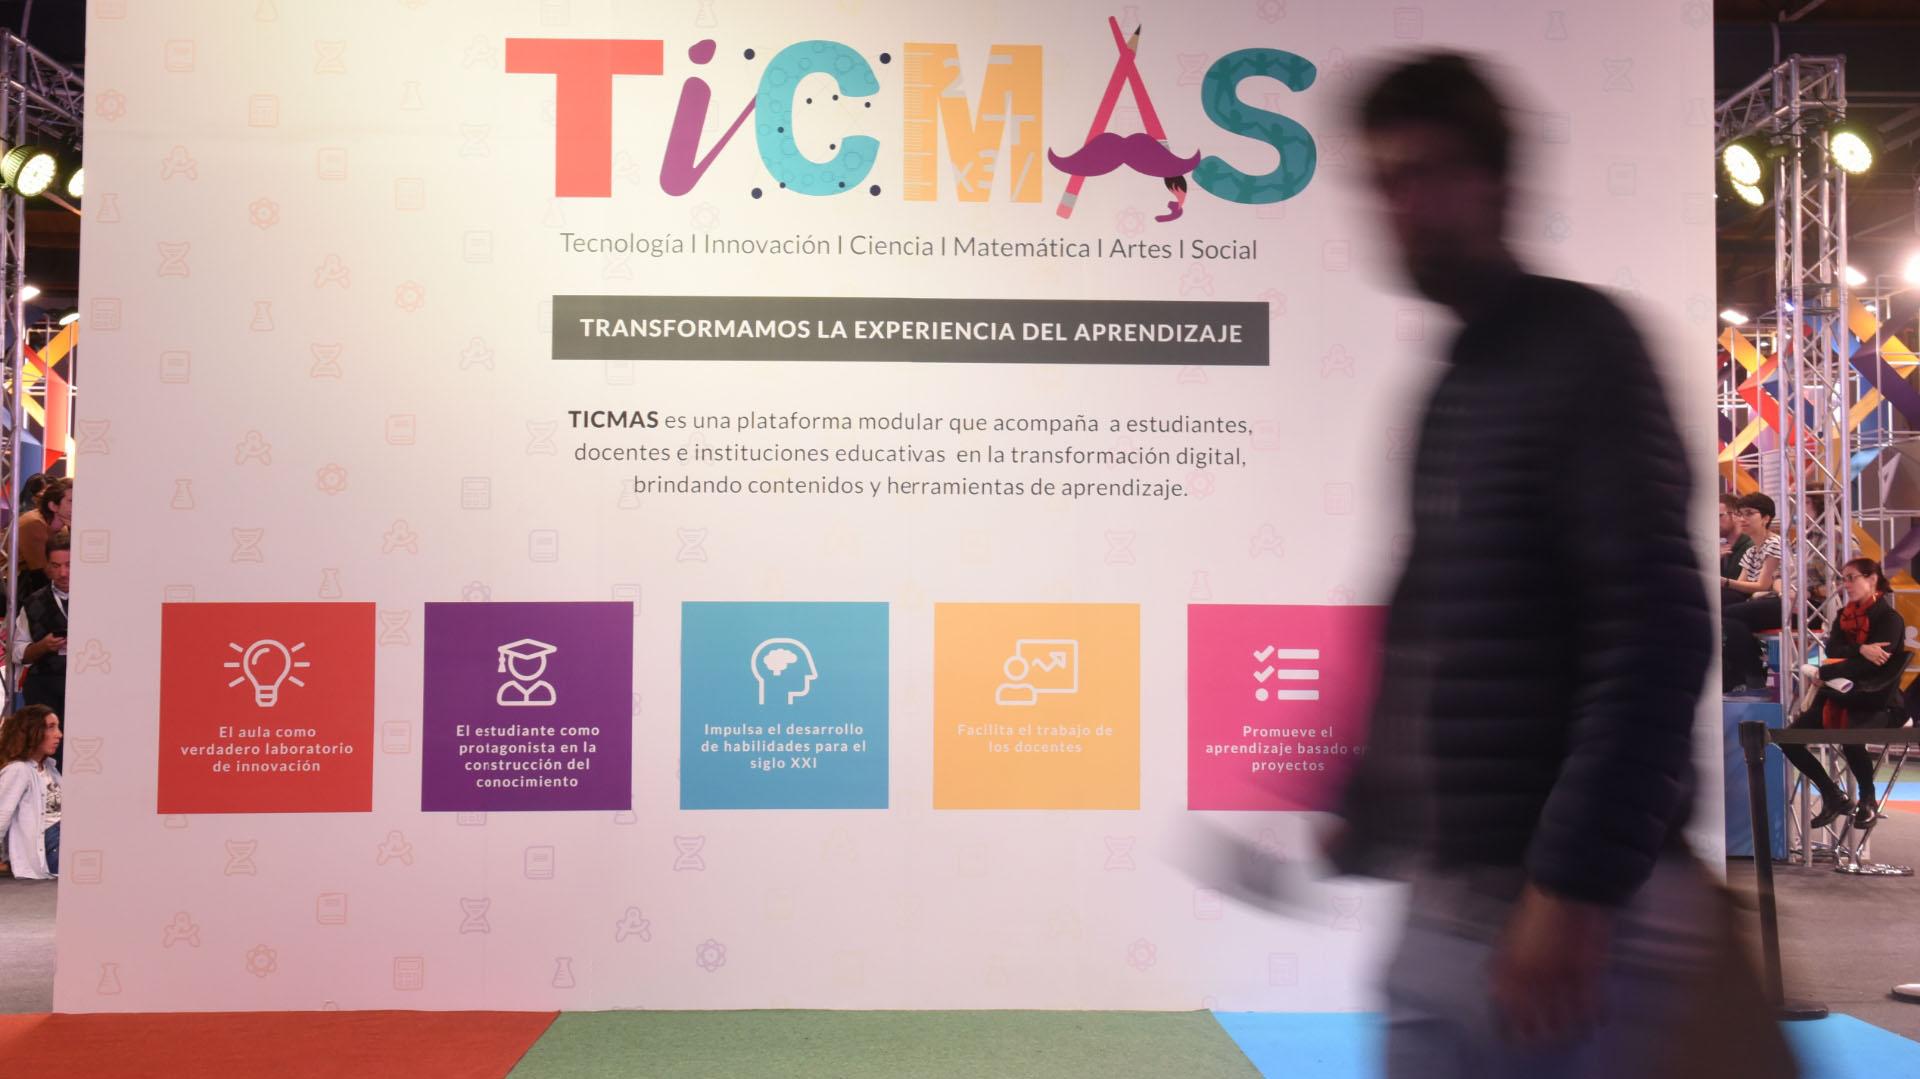 El espacio de TICMAS en la Feria del Libro